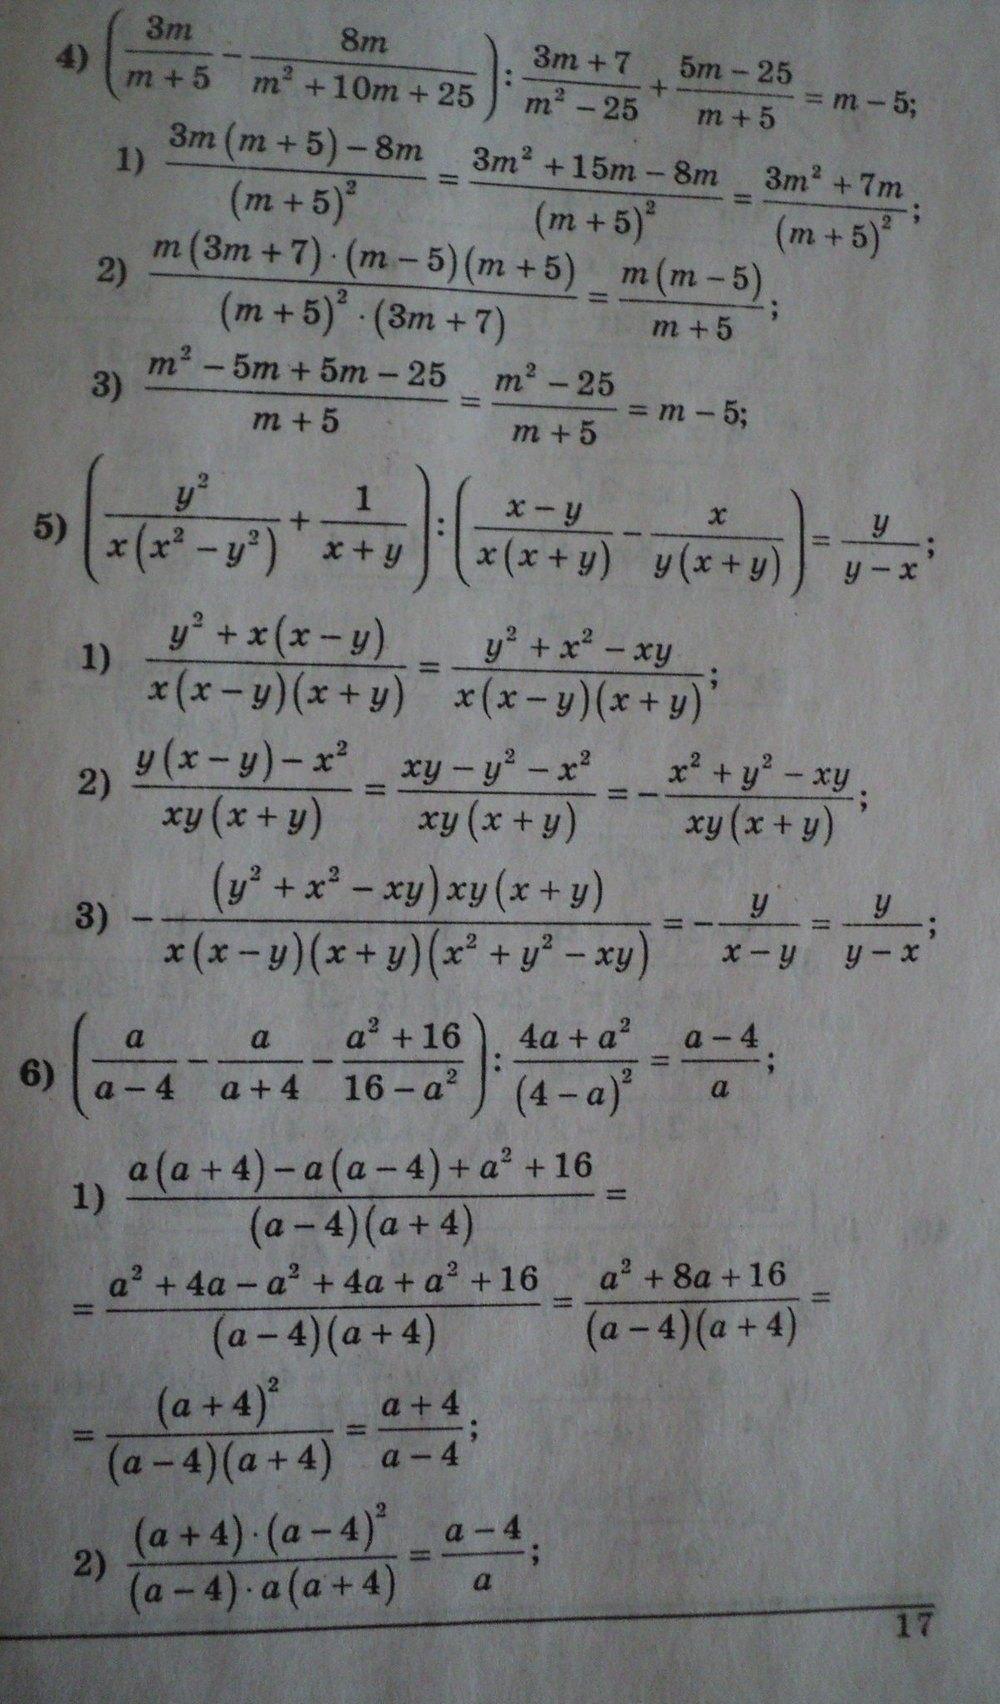 ГДЗ по алгебре 8 класс Щербань П.. Задание: стр. 17